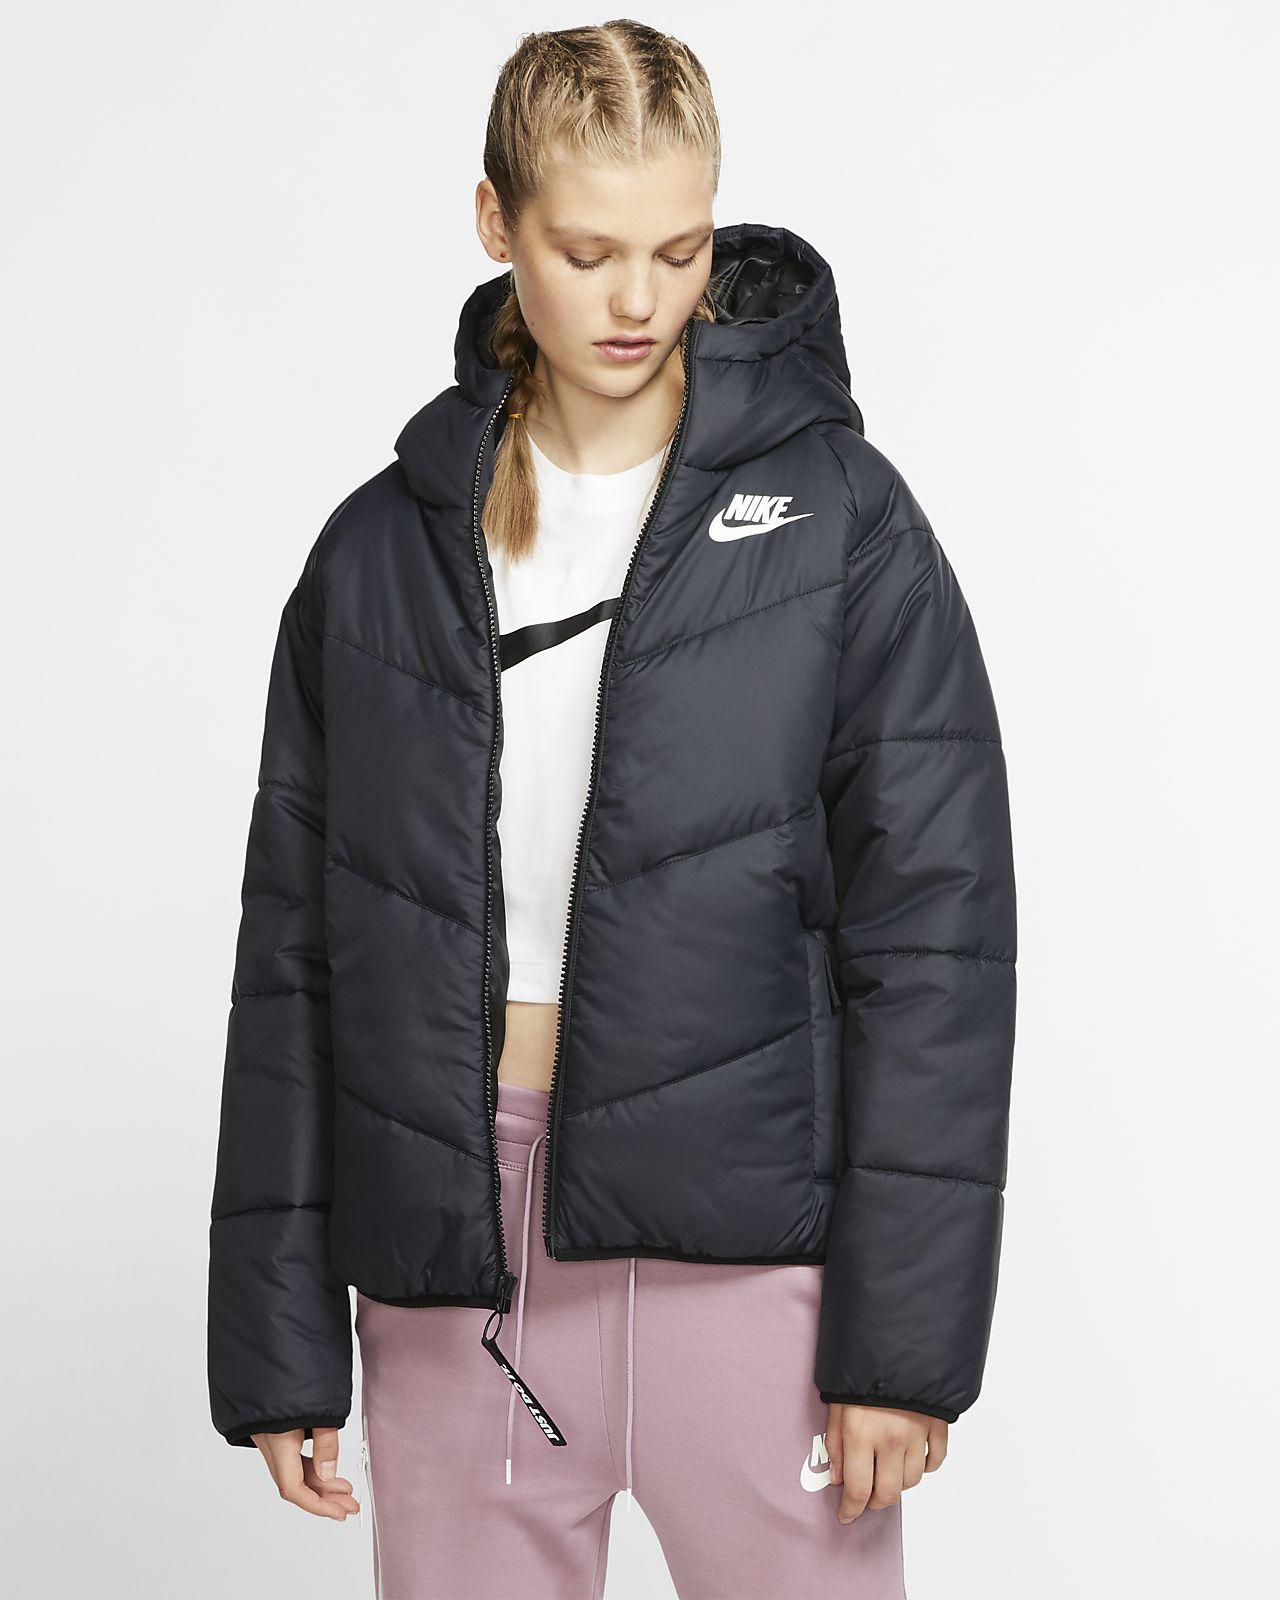 chaqueta con capucha mujer hecha en españa